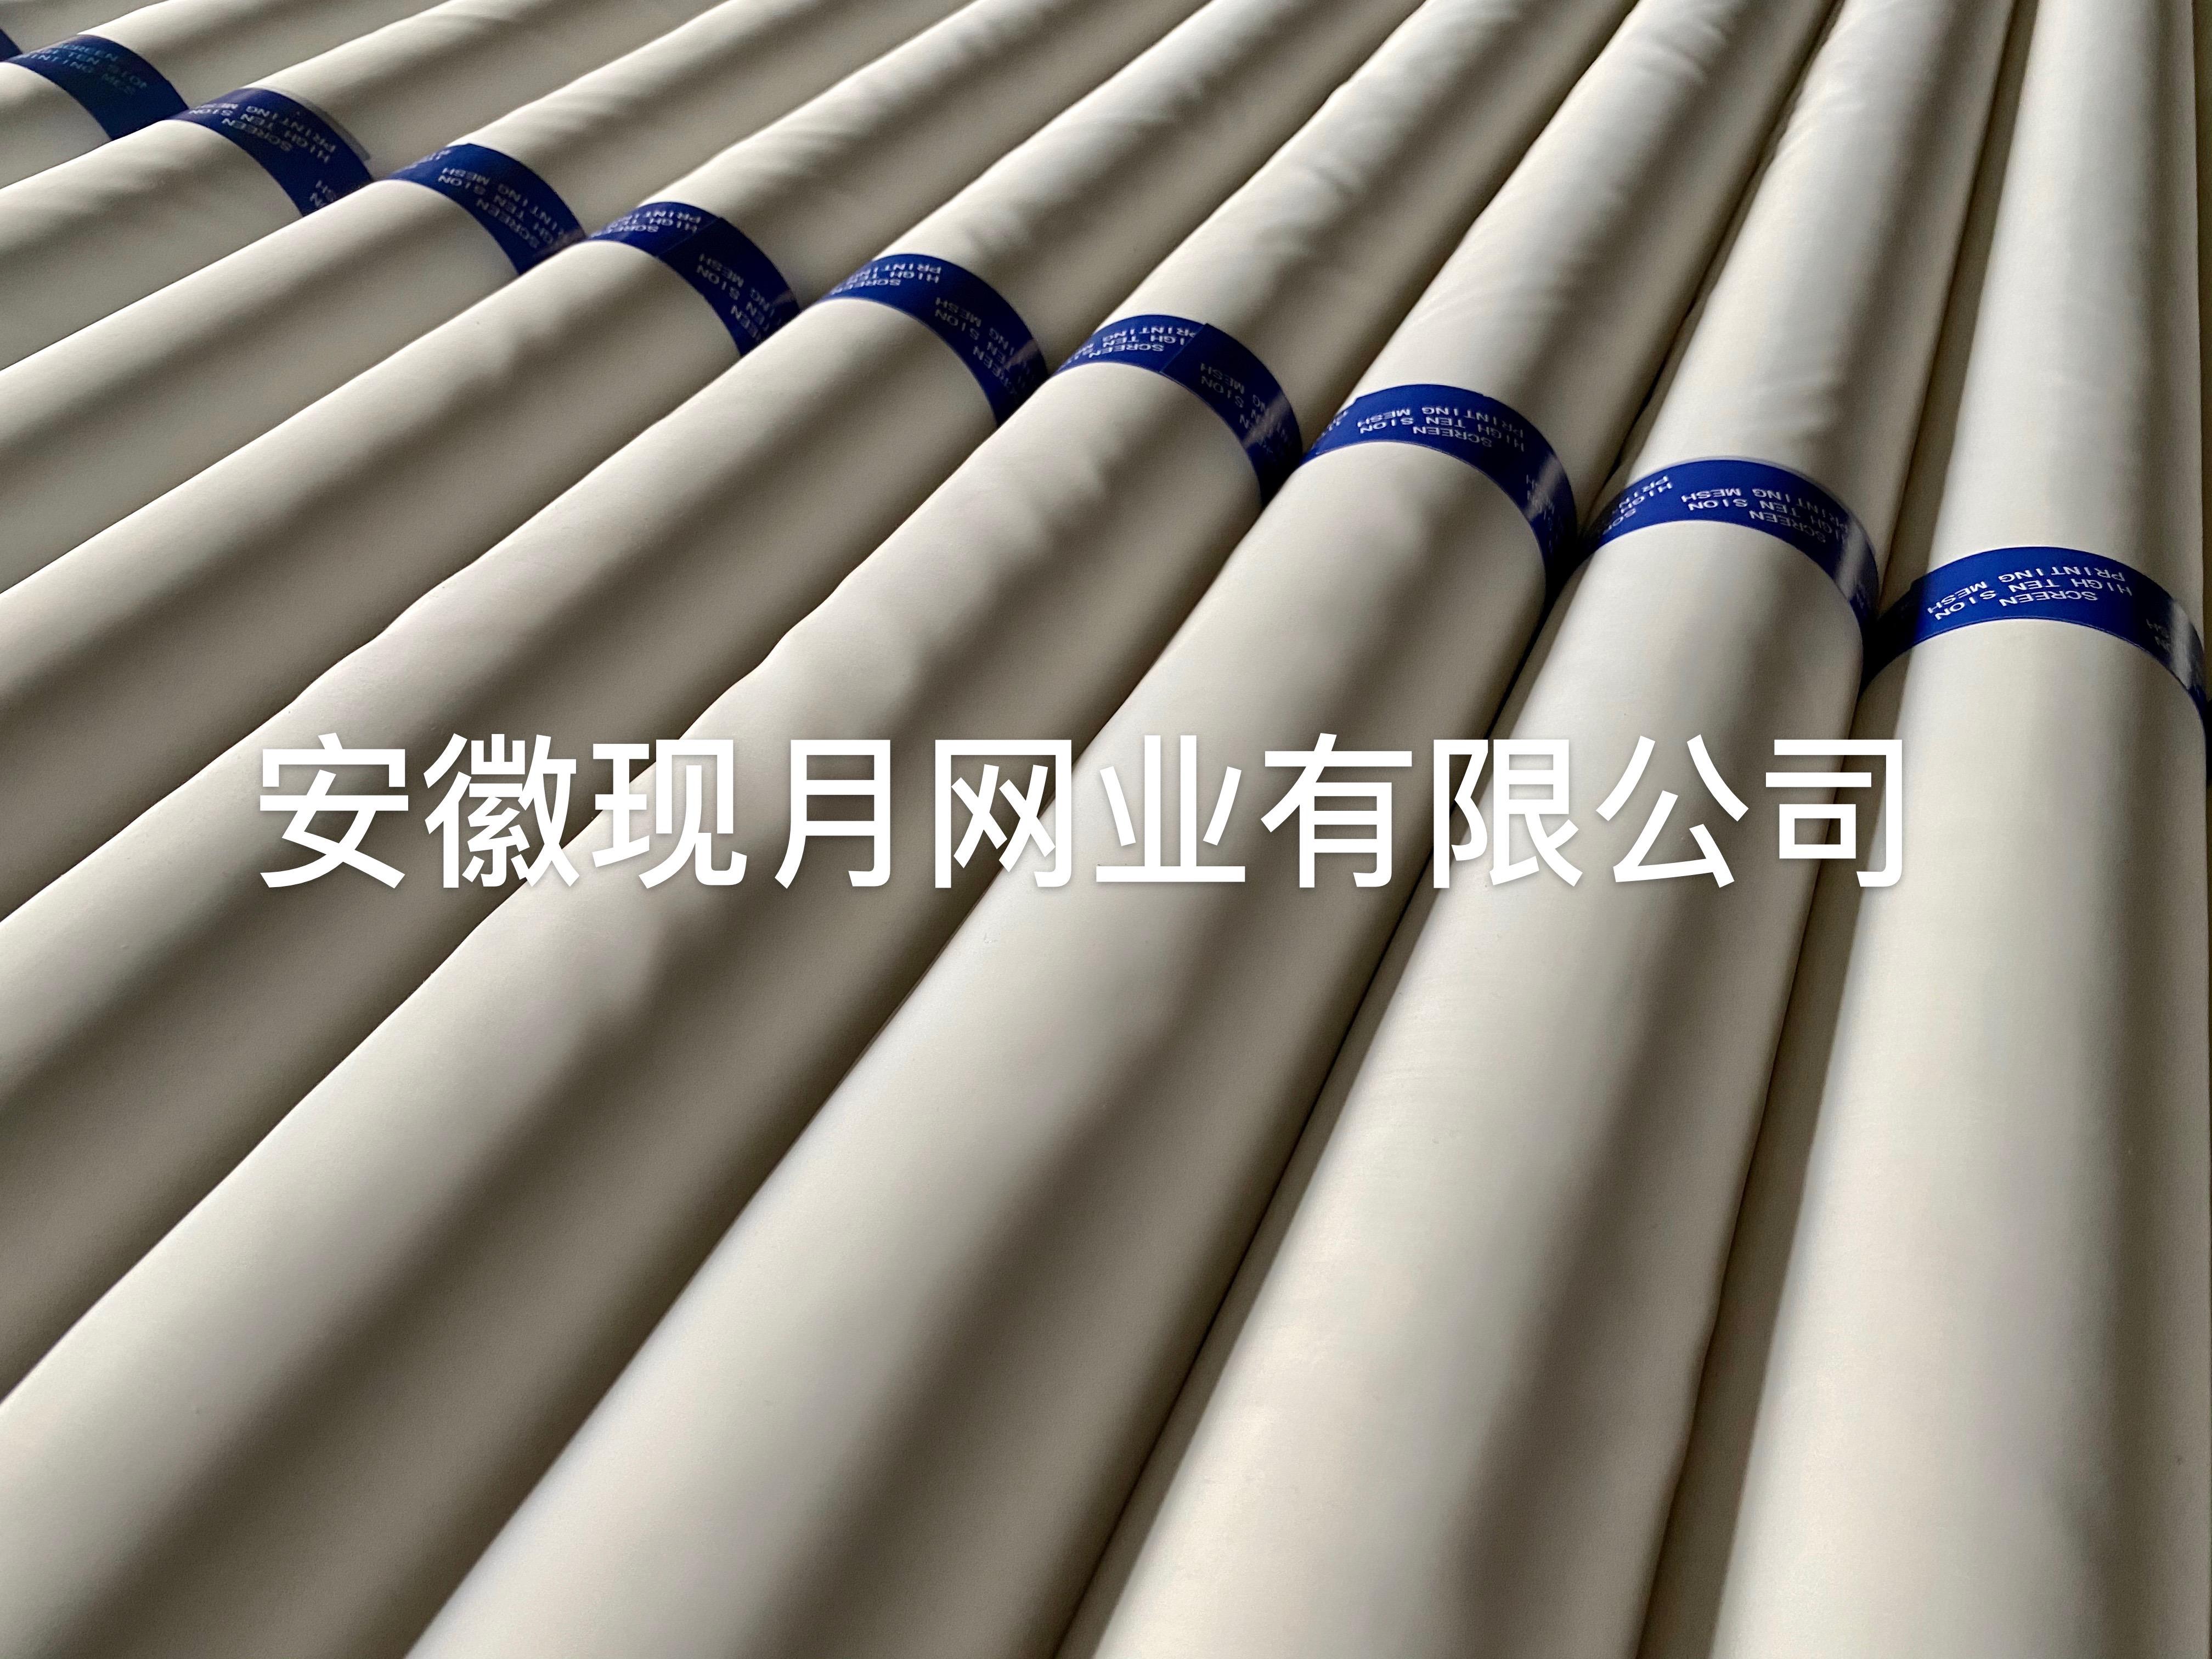 白色43T110目80线127宽 印花丝印网纱 玻璃印刷丝网